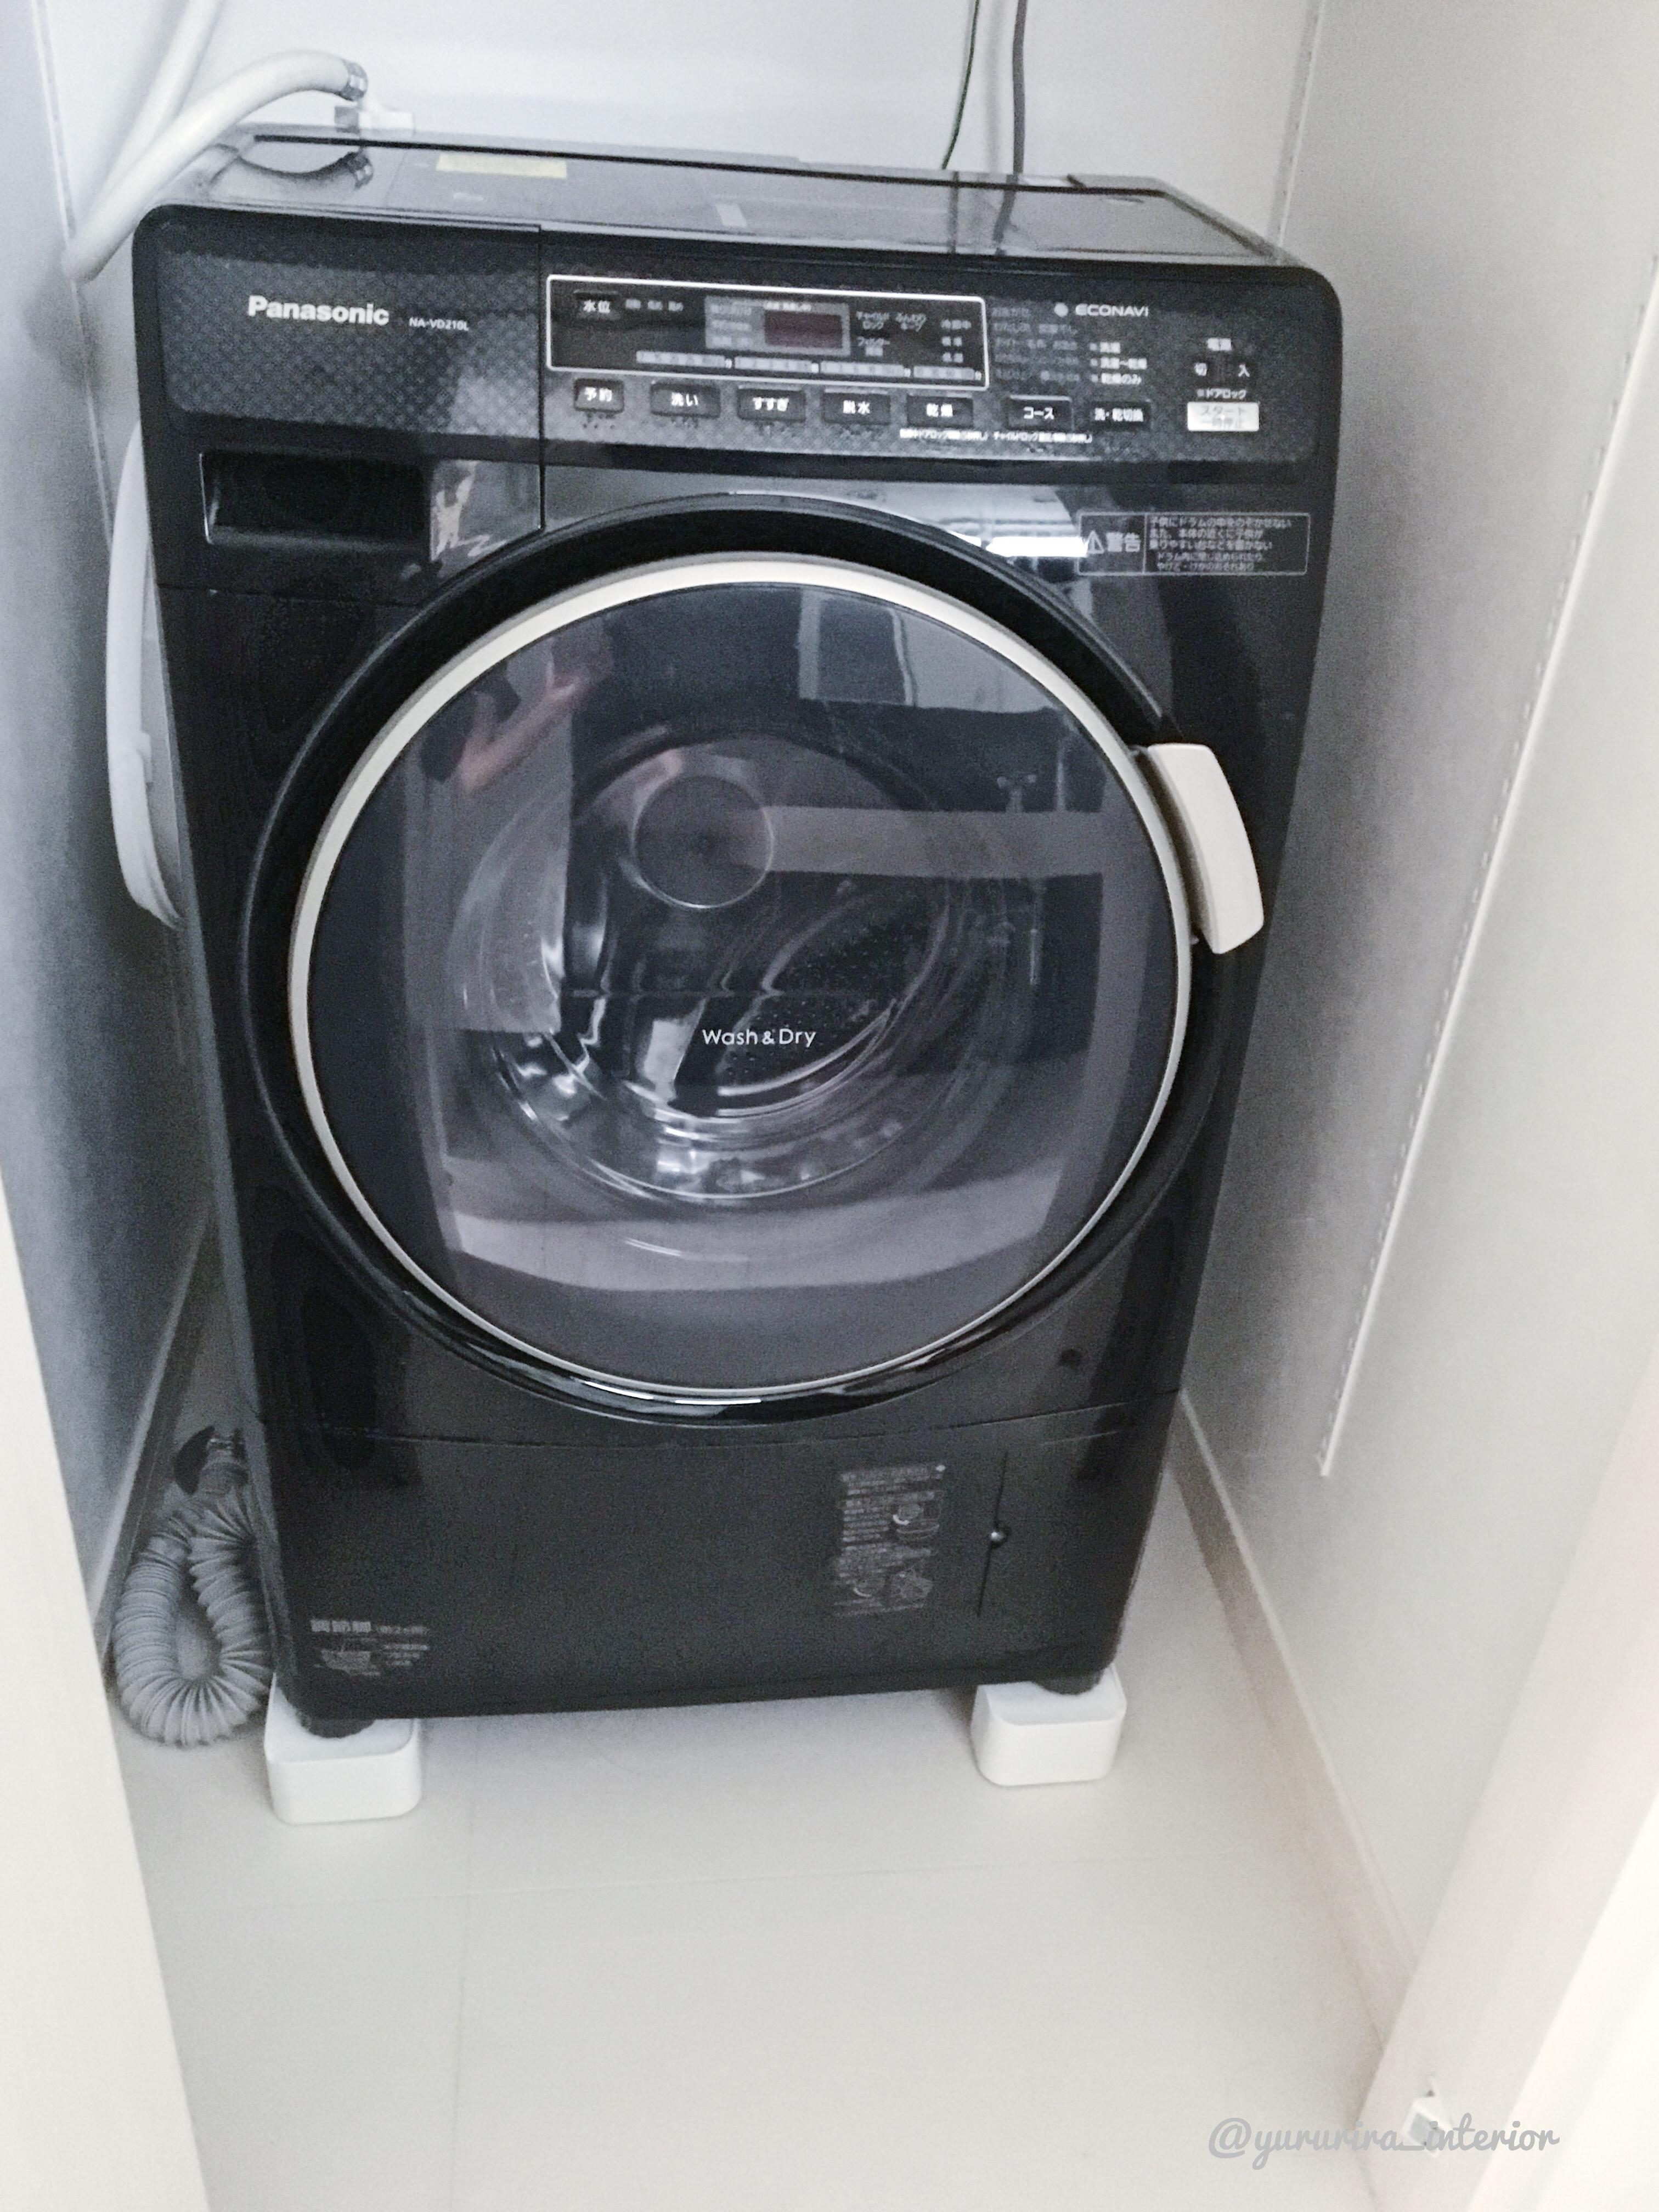 楽天で買った便利グッズで洗濯機周りの掃除が楽に♪